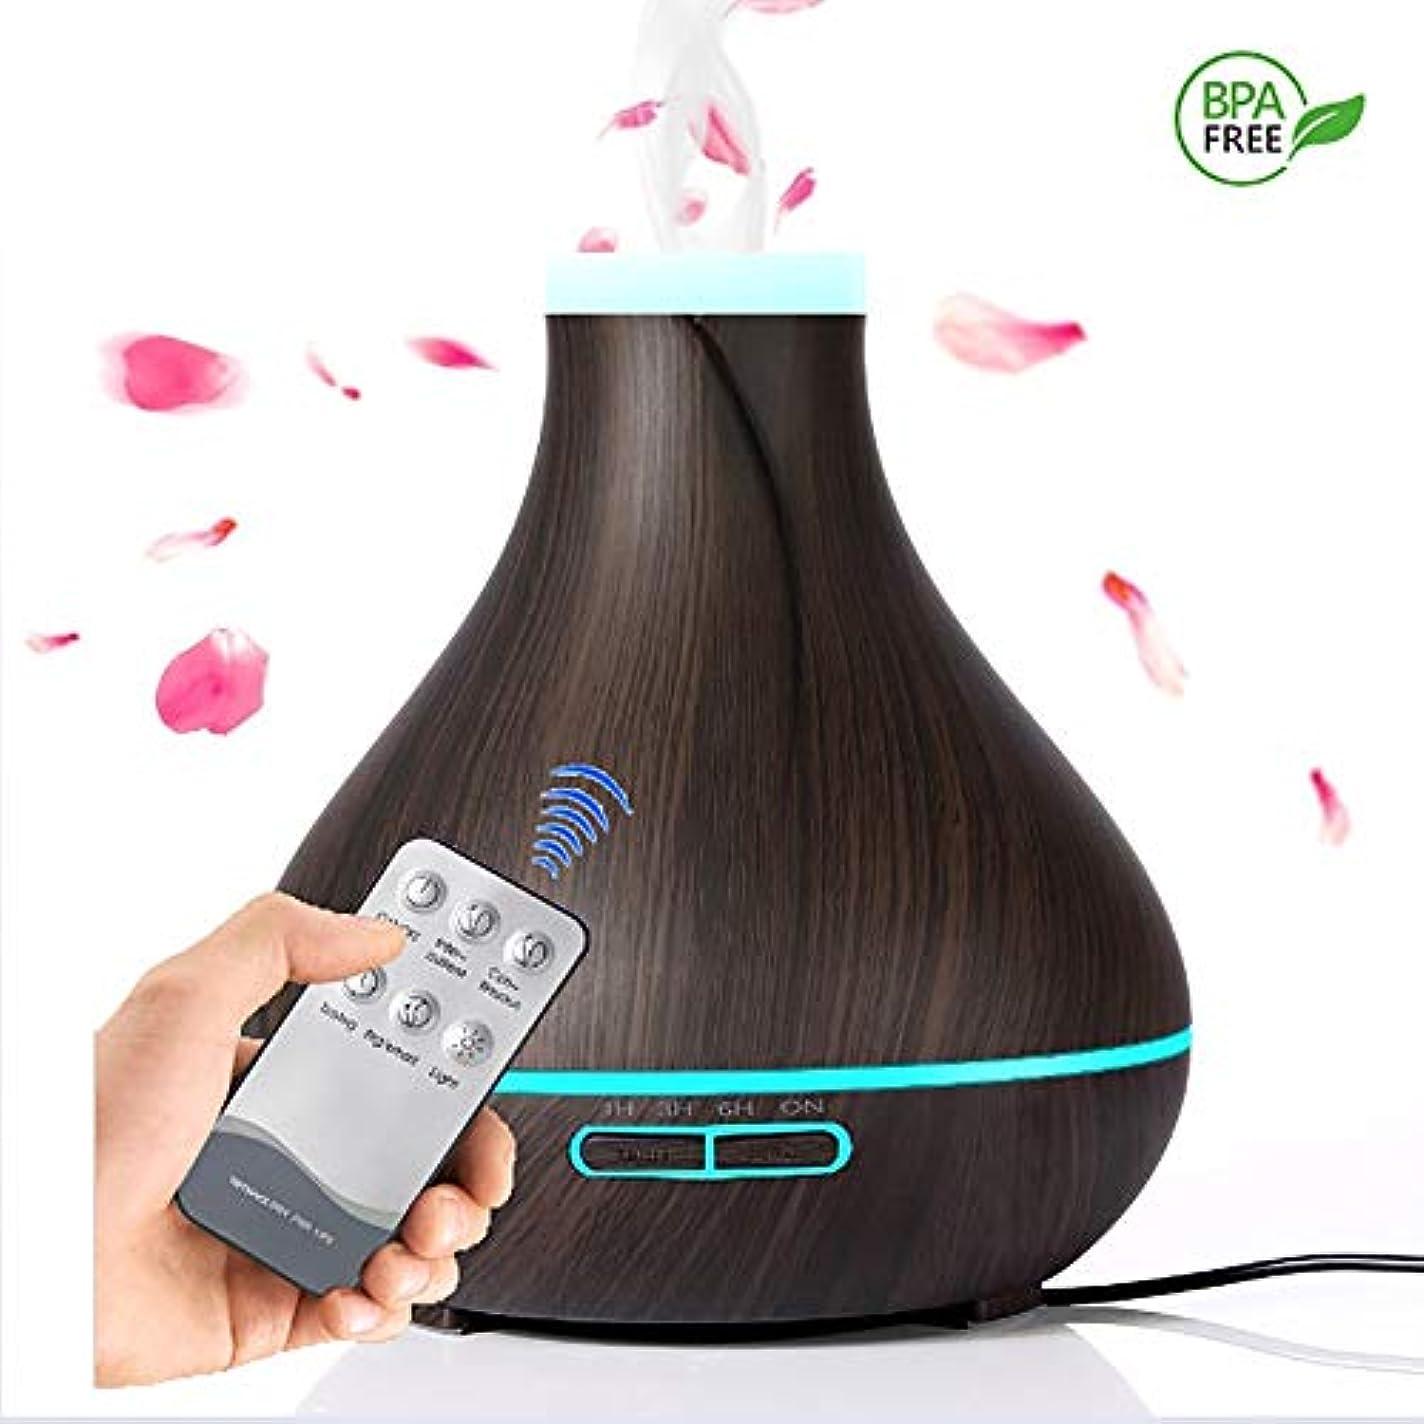 キャプチャー変換する自動化400ml エッセンシャルオイルディフューザー、アロマディフューザーアロマセラピー加湿器超音波空気清浄機クールミストフレグランス7色ランプ自動シャットオフ,Black